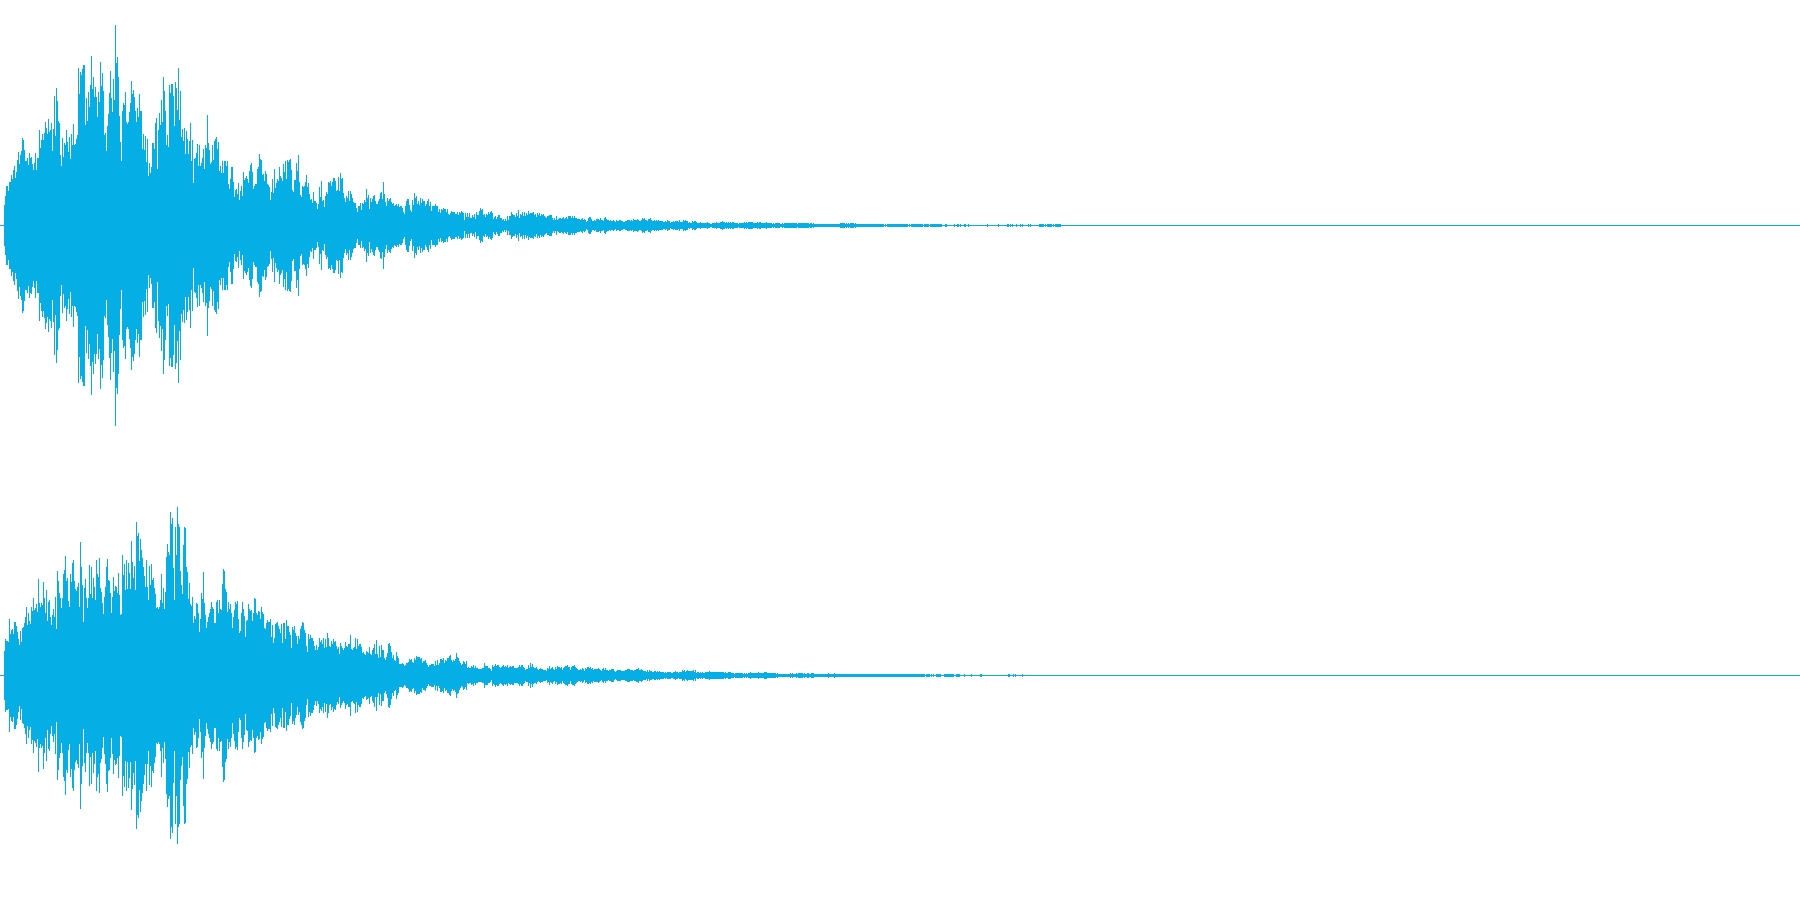 ゲームスタート、決定、ボタン音-028の再生済みの波形